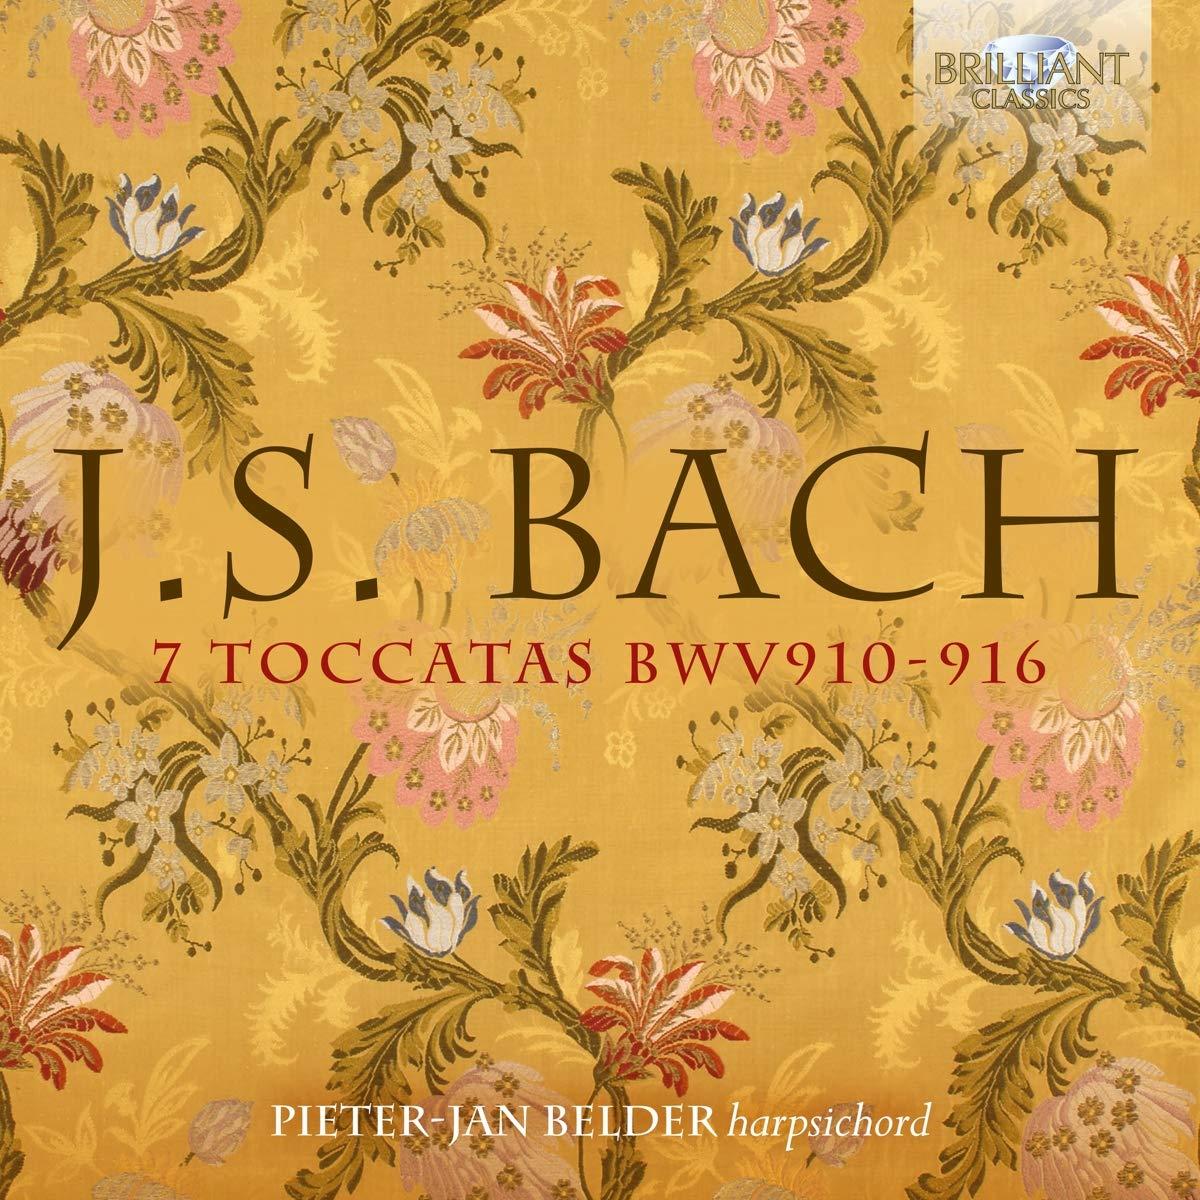 7 Toccatas Cheap sale BWV 910-916 Max 90% OFF